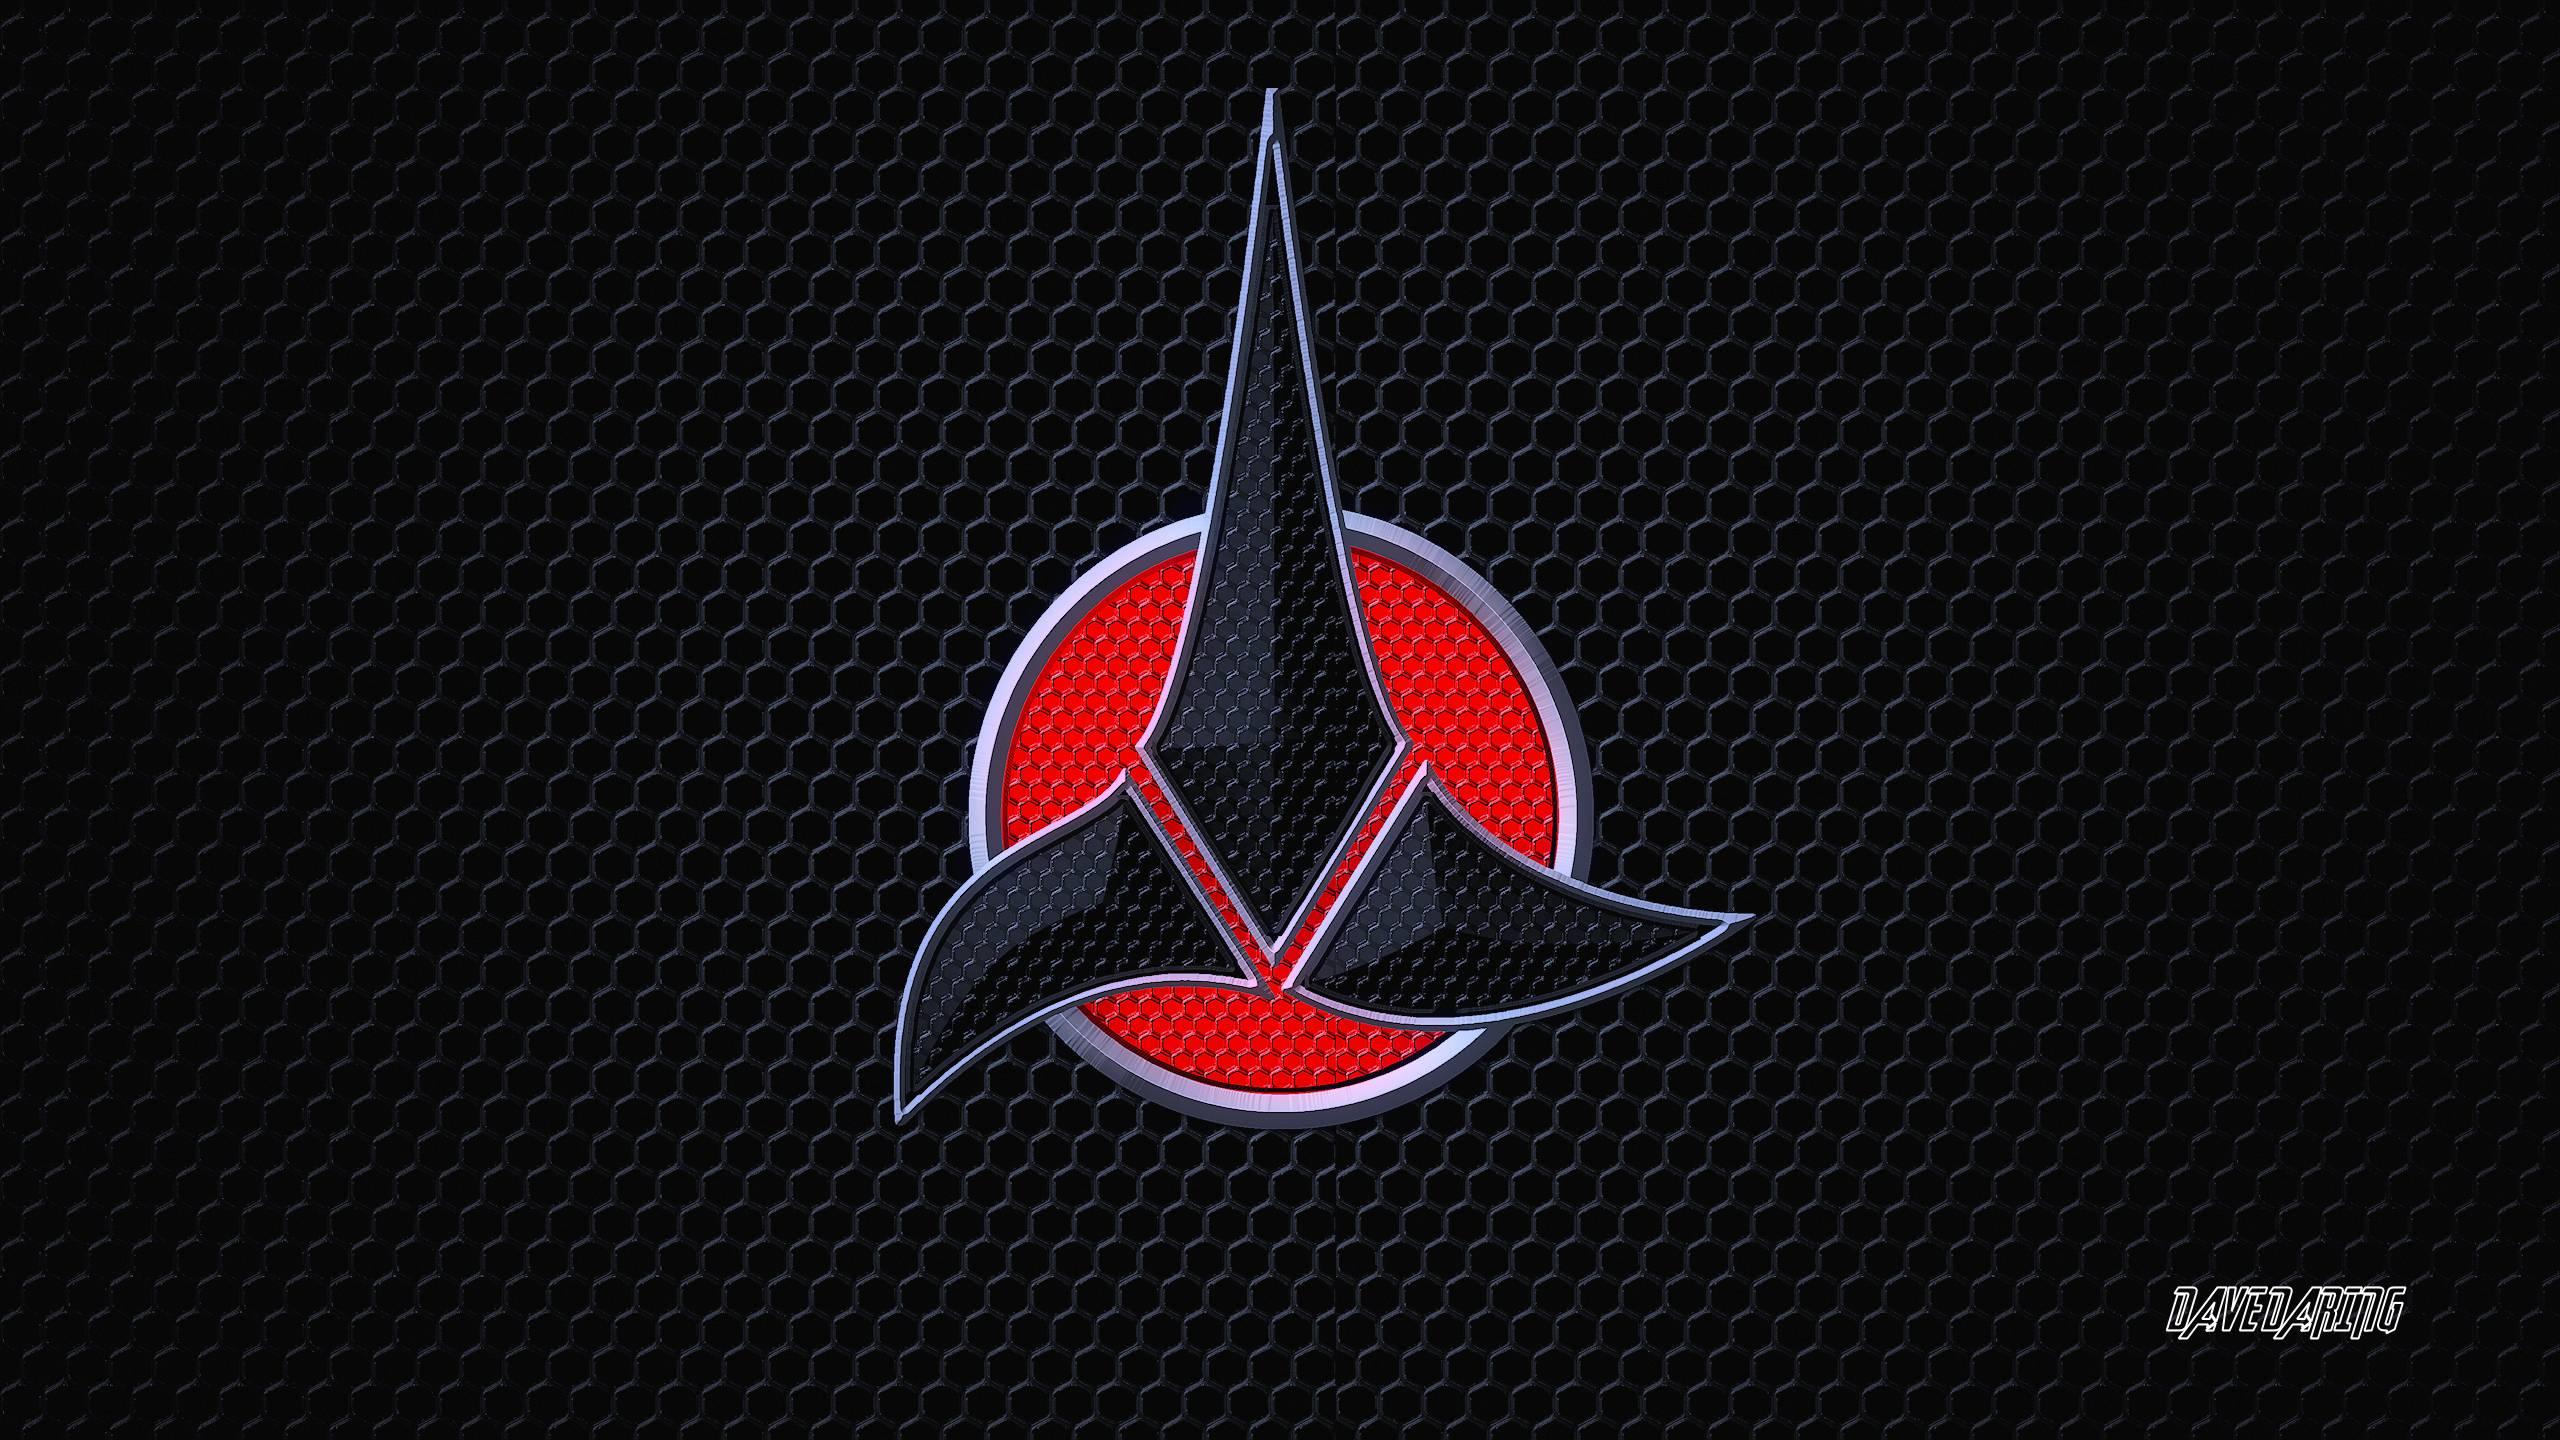 Klingon Symbol Wallpaper Techno klingon emblem by dave 2560x1440